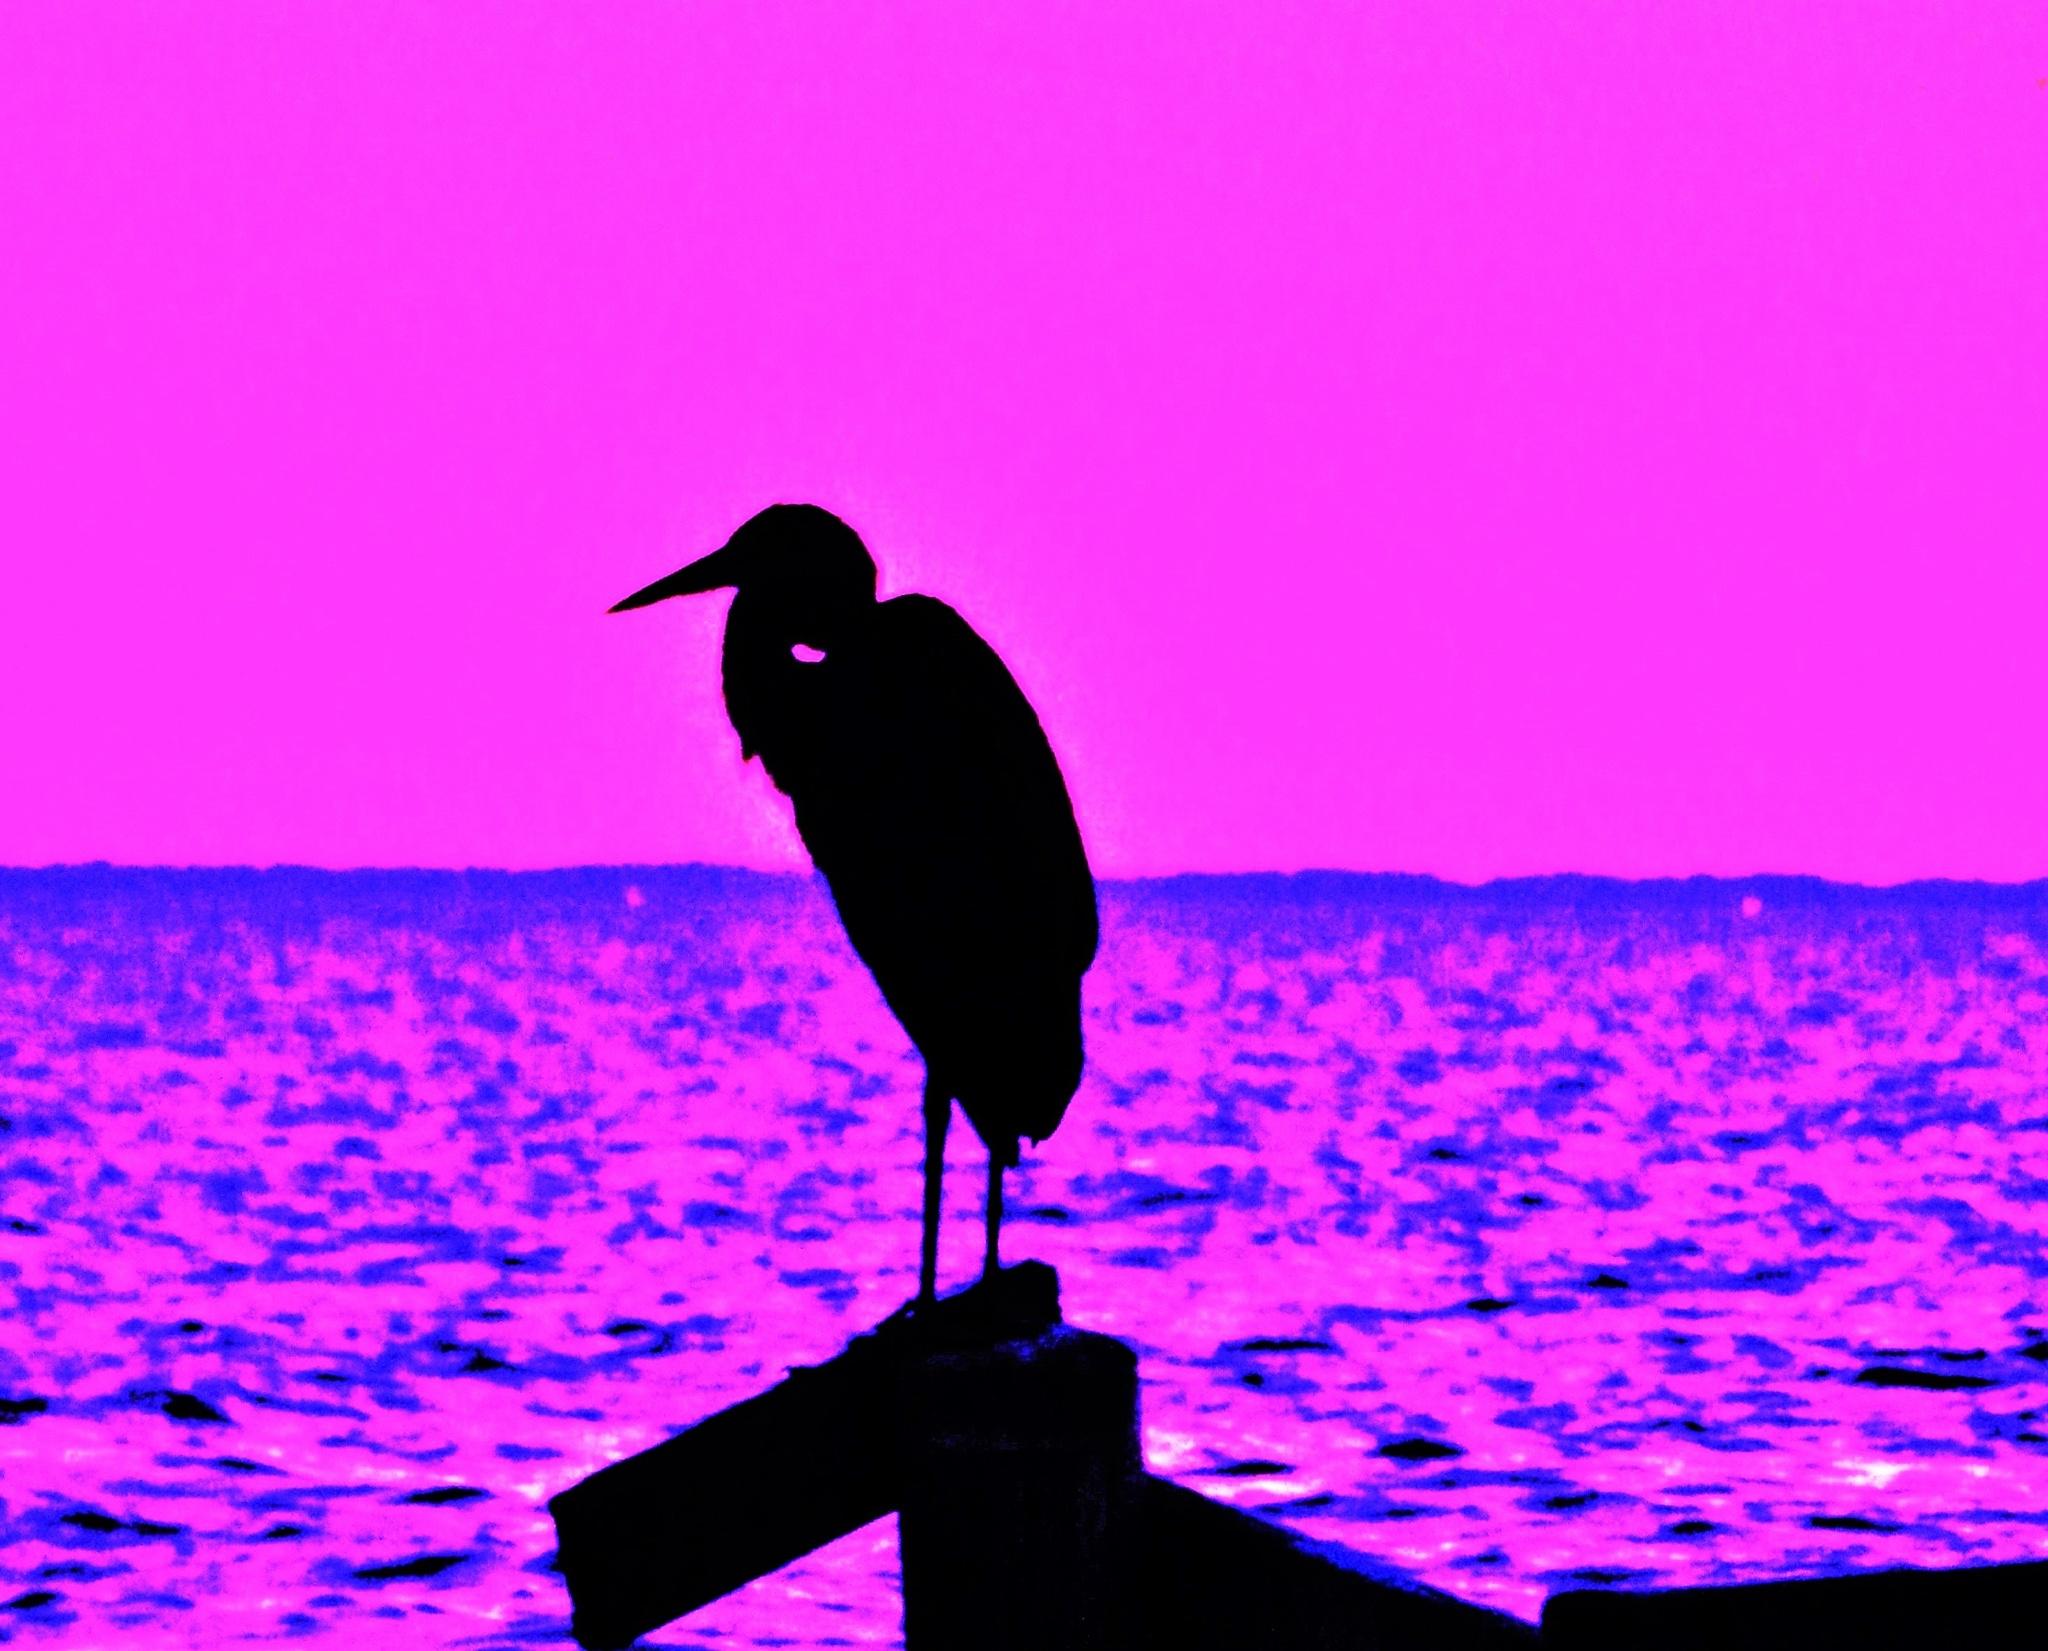 purple choice by jajapraha